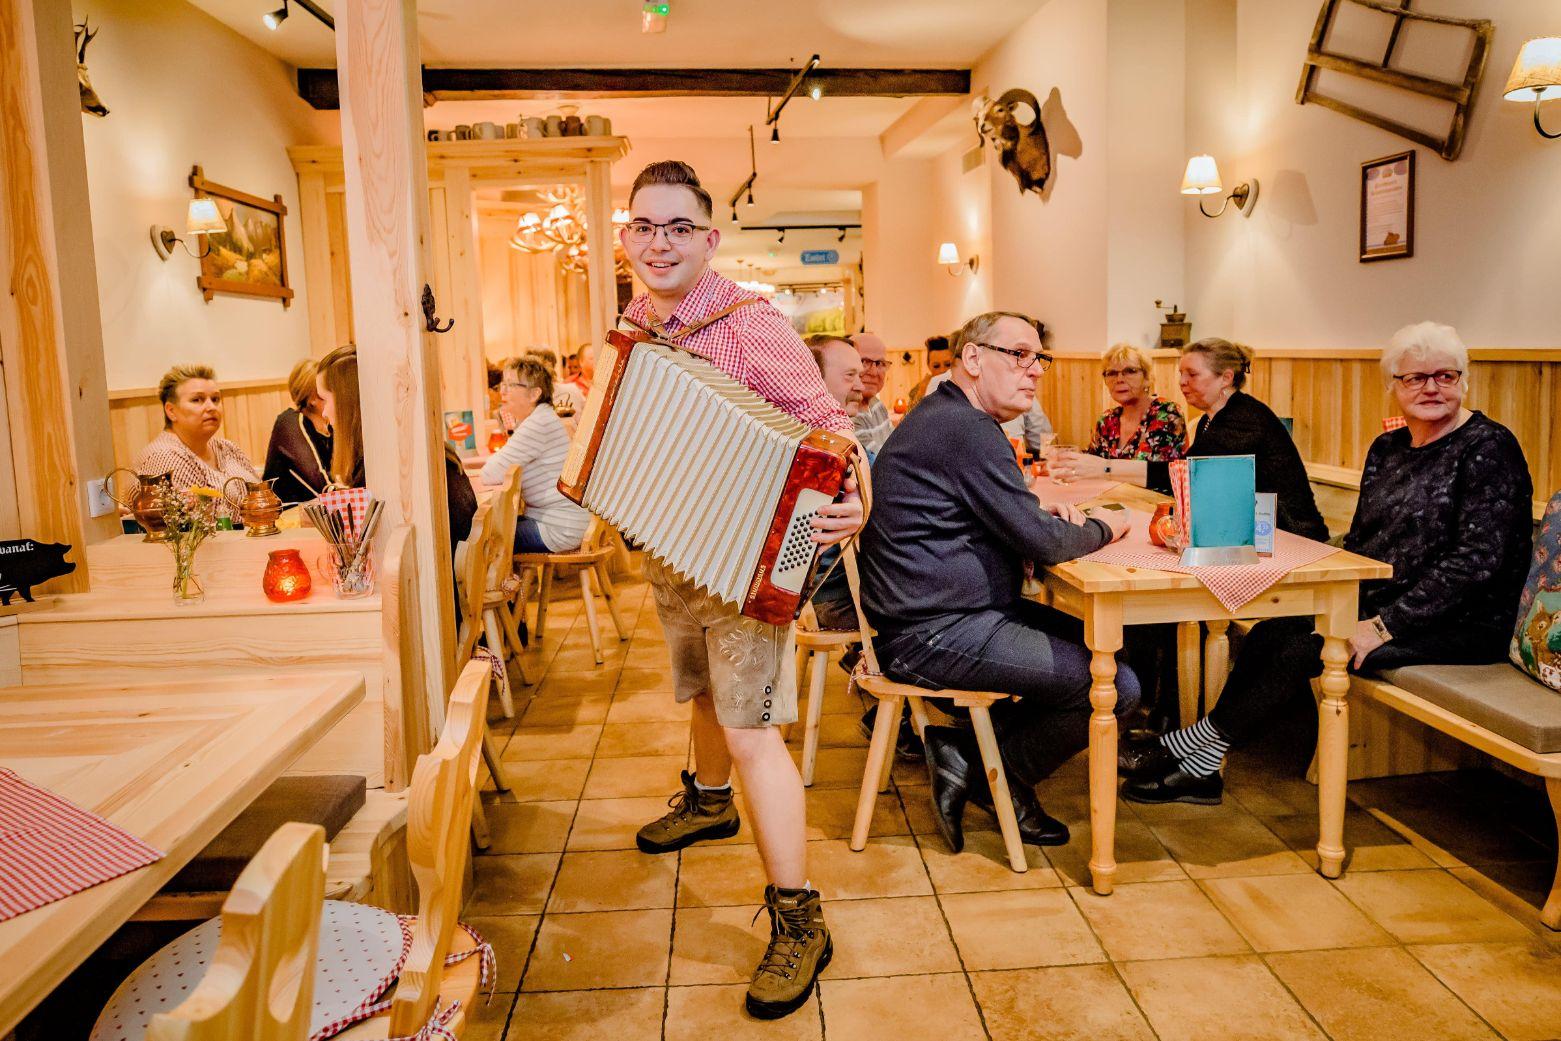 Restaurant groep